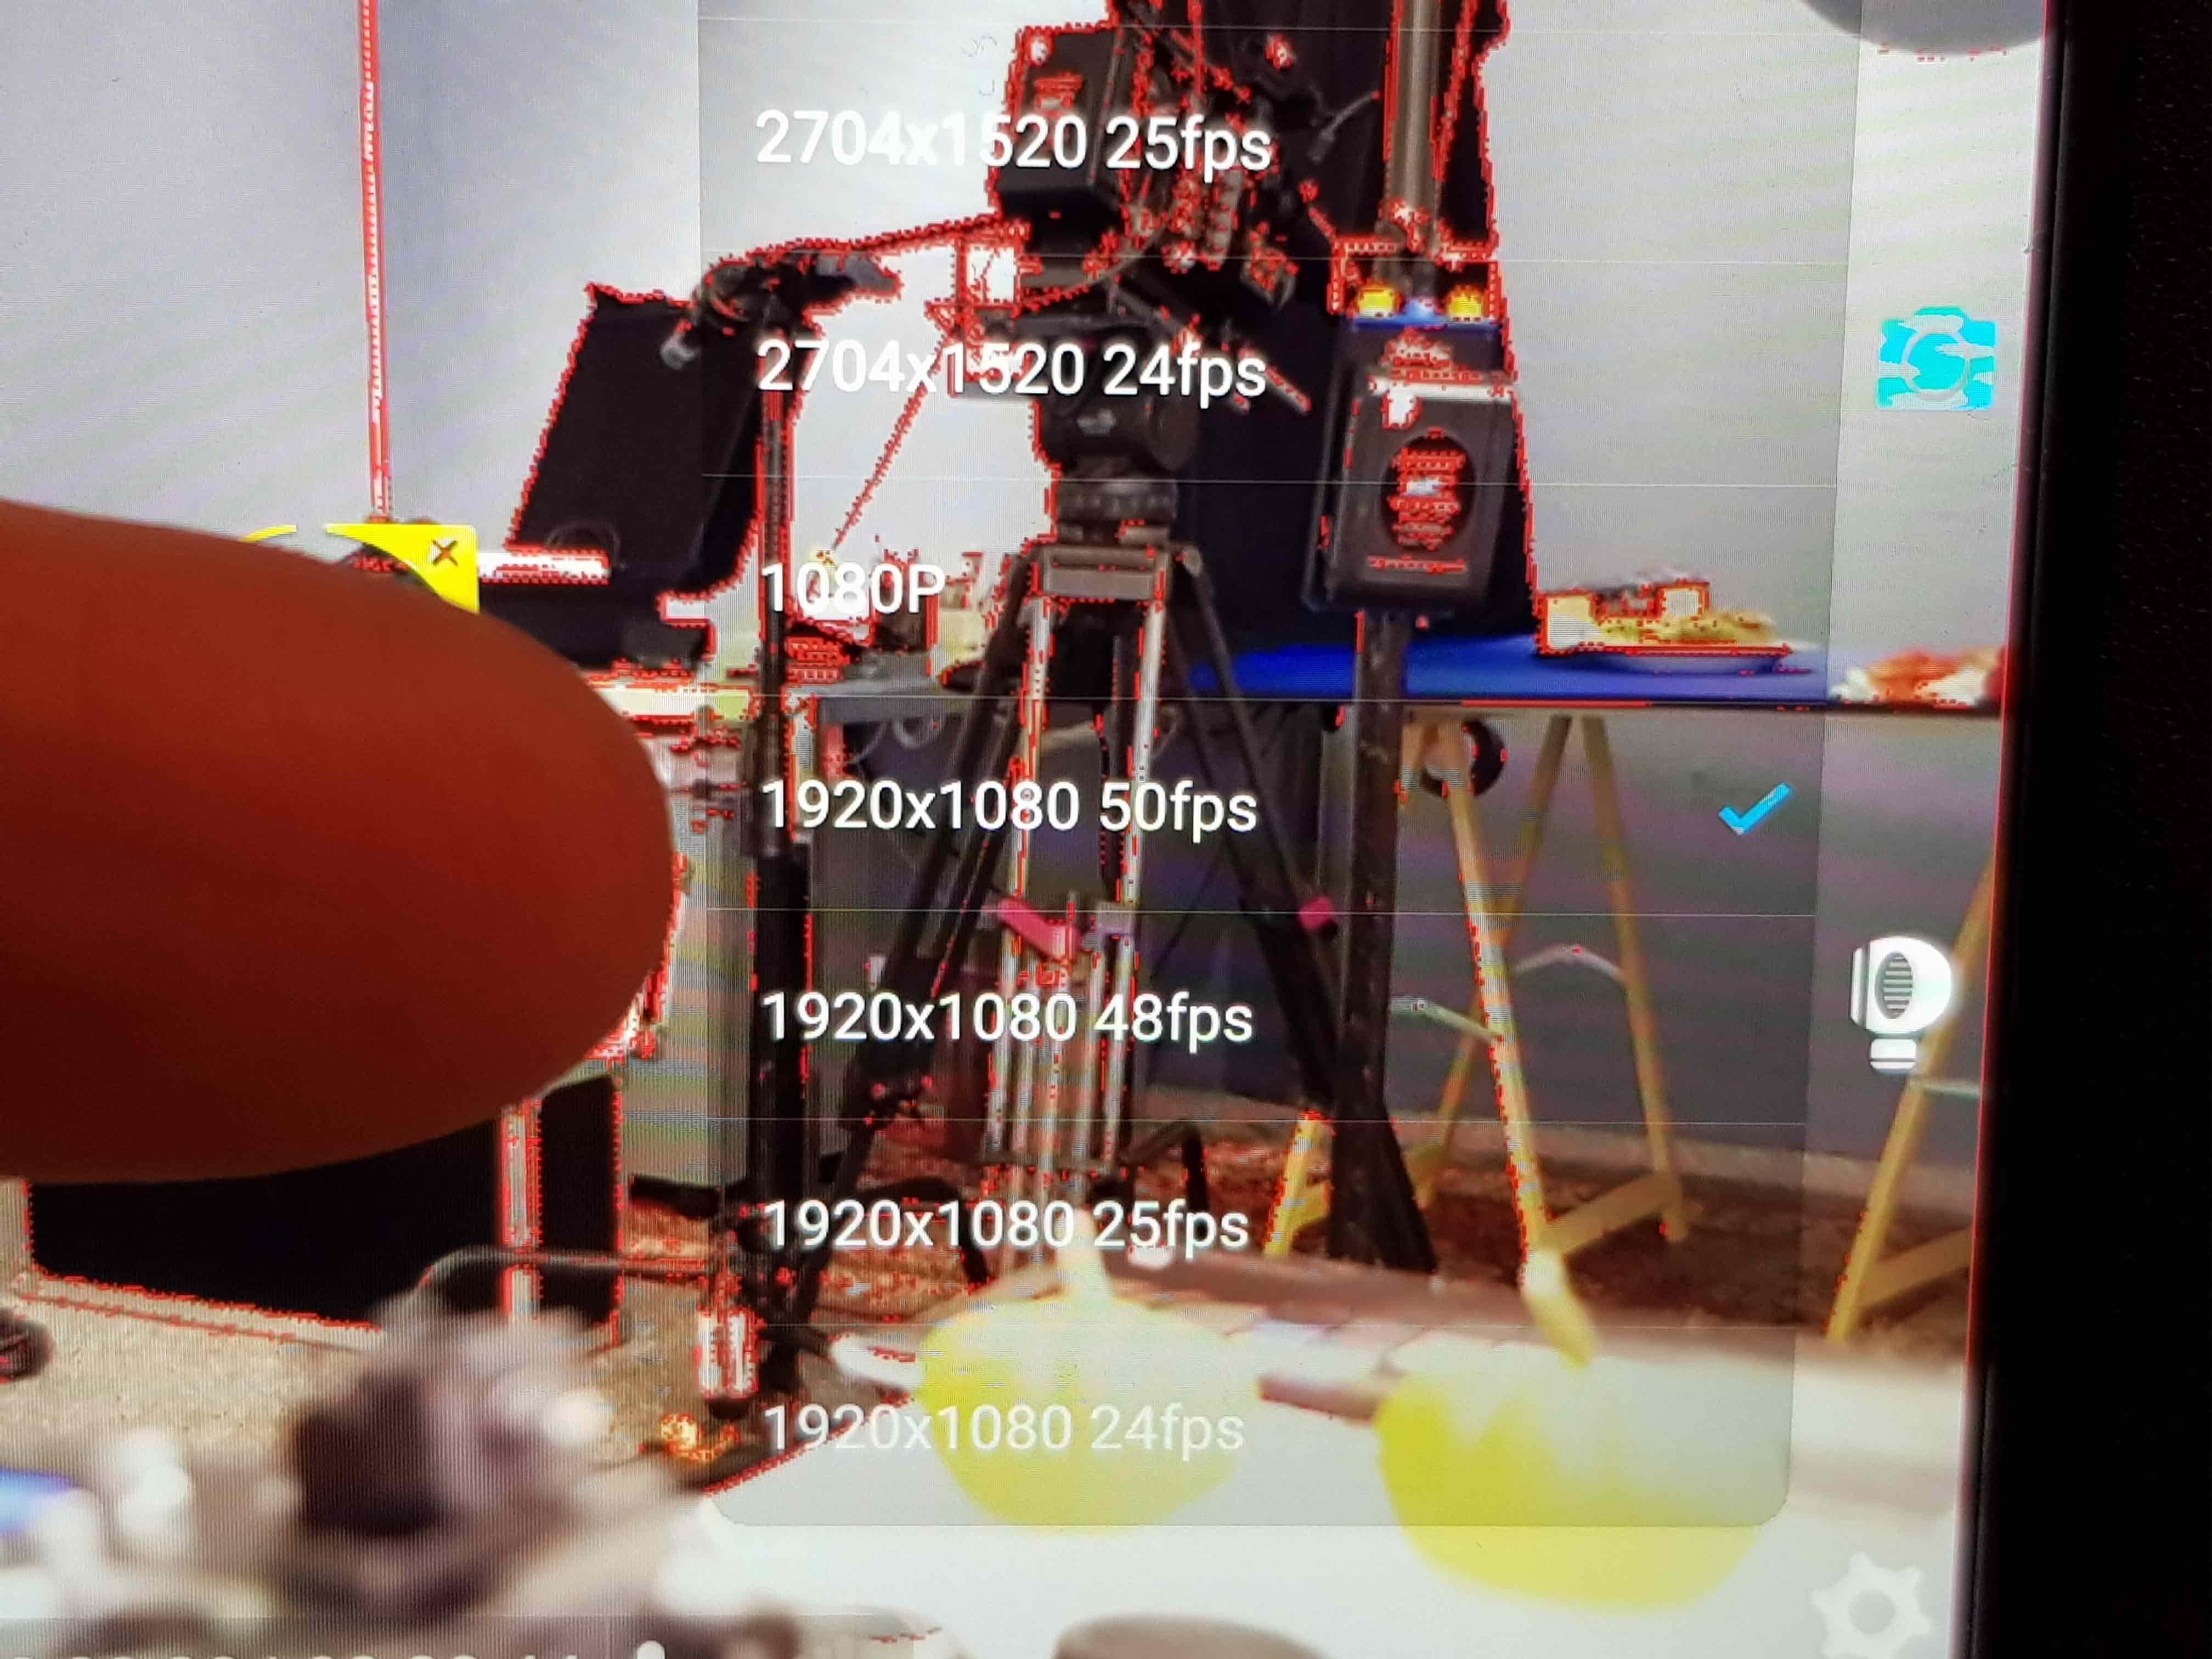 1080p 50fps